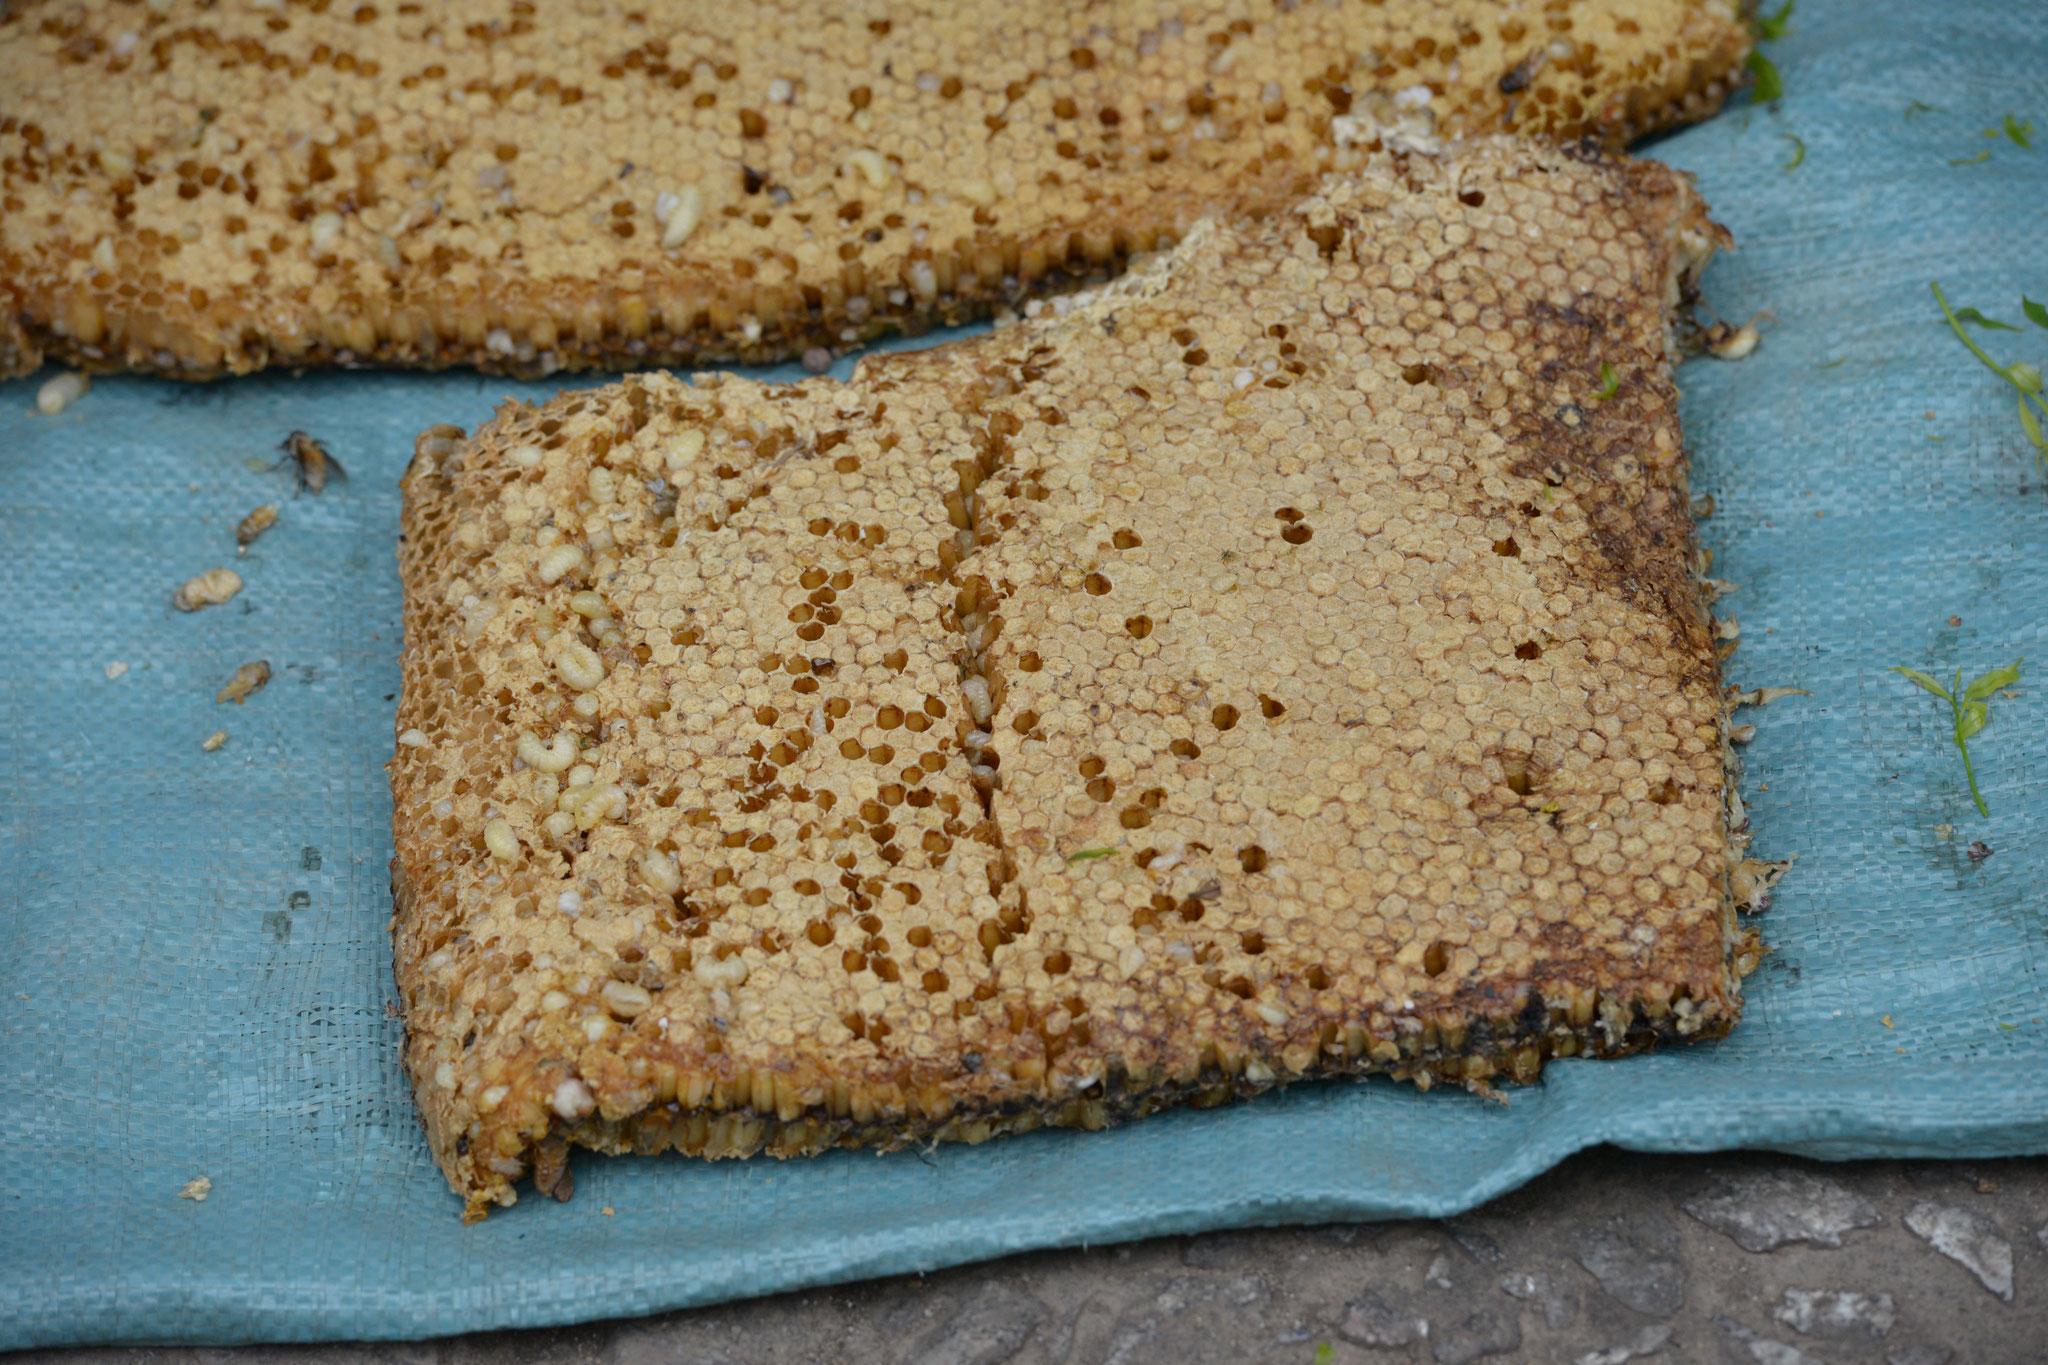 ... Delikatessen, wie Honigwaben mit Maden...